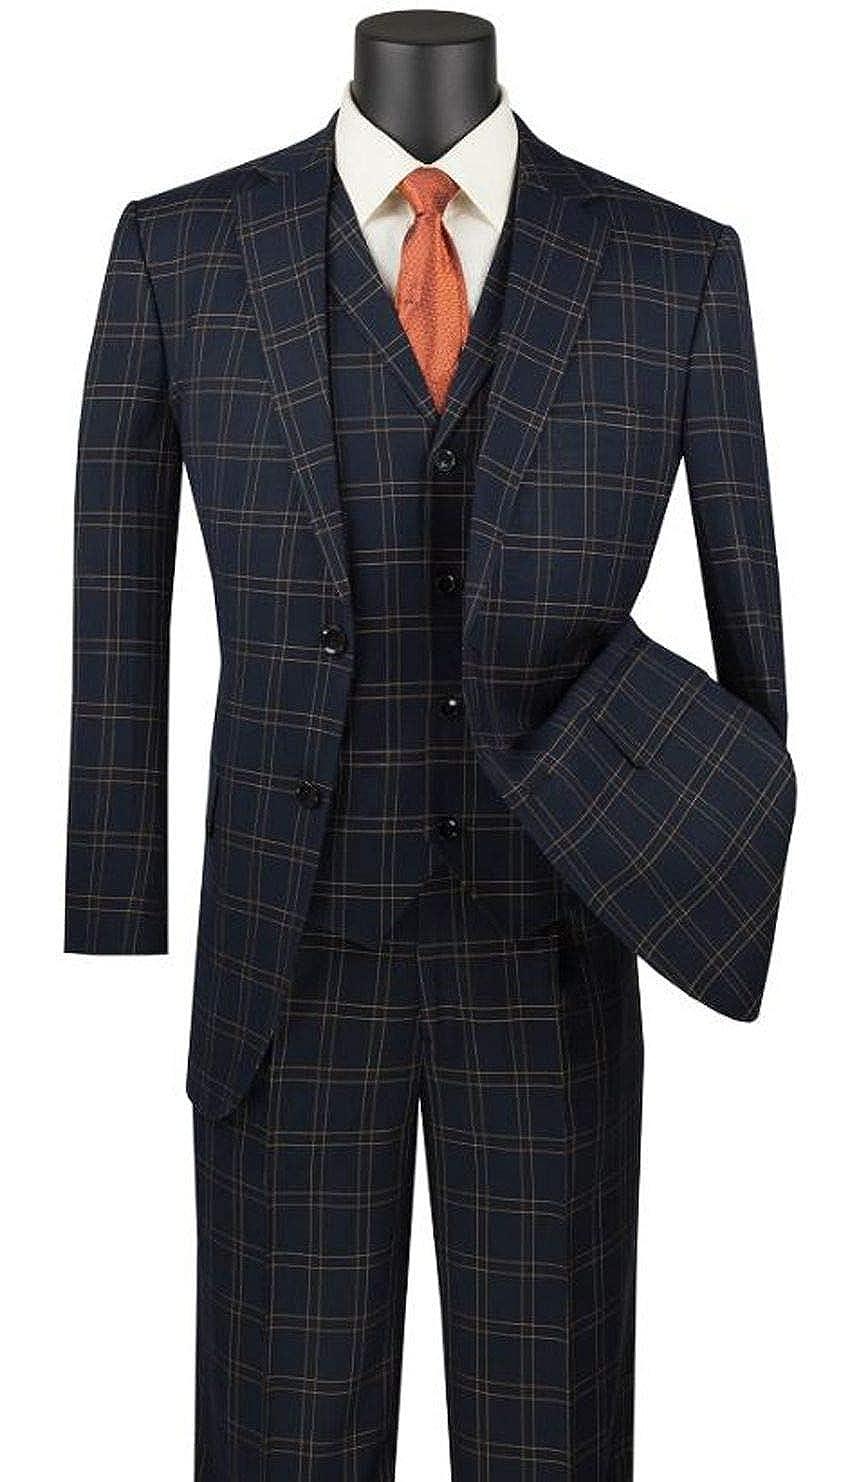 1960s Mens Suits | 70s Mens Disco Suits VINCI Mens Glen Plaid Pattern 2 Button Single Breasted Classic Fit Suit W/Vest V2PD-1 $130.99 AT vintagedancer.com